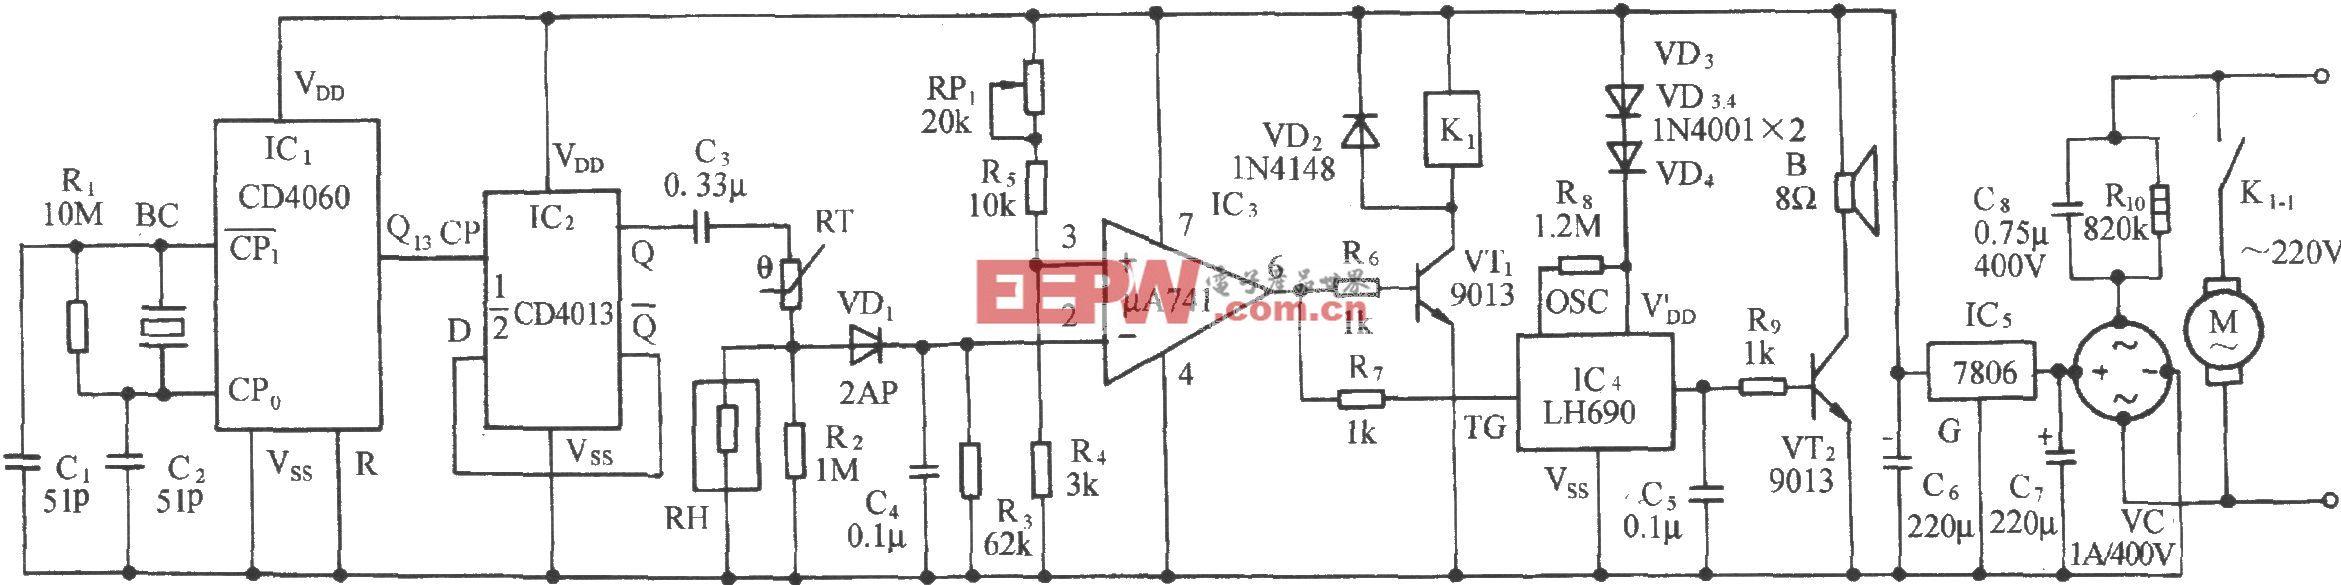 库房湿度检测及自动通风排气装置电路(MS01-A)